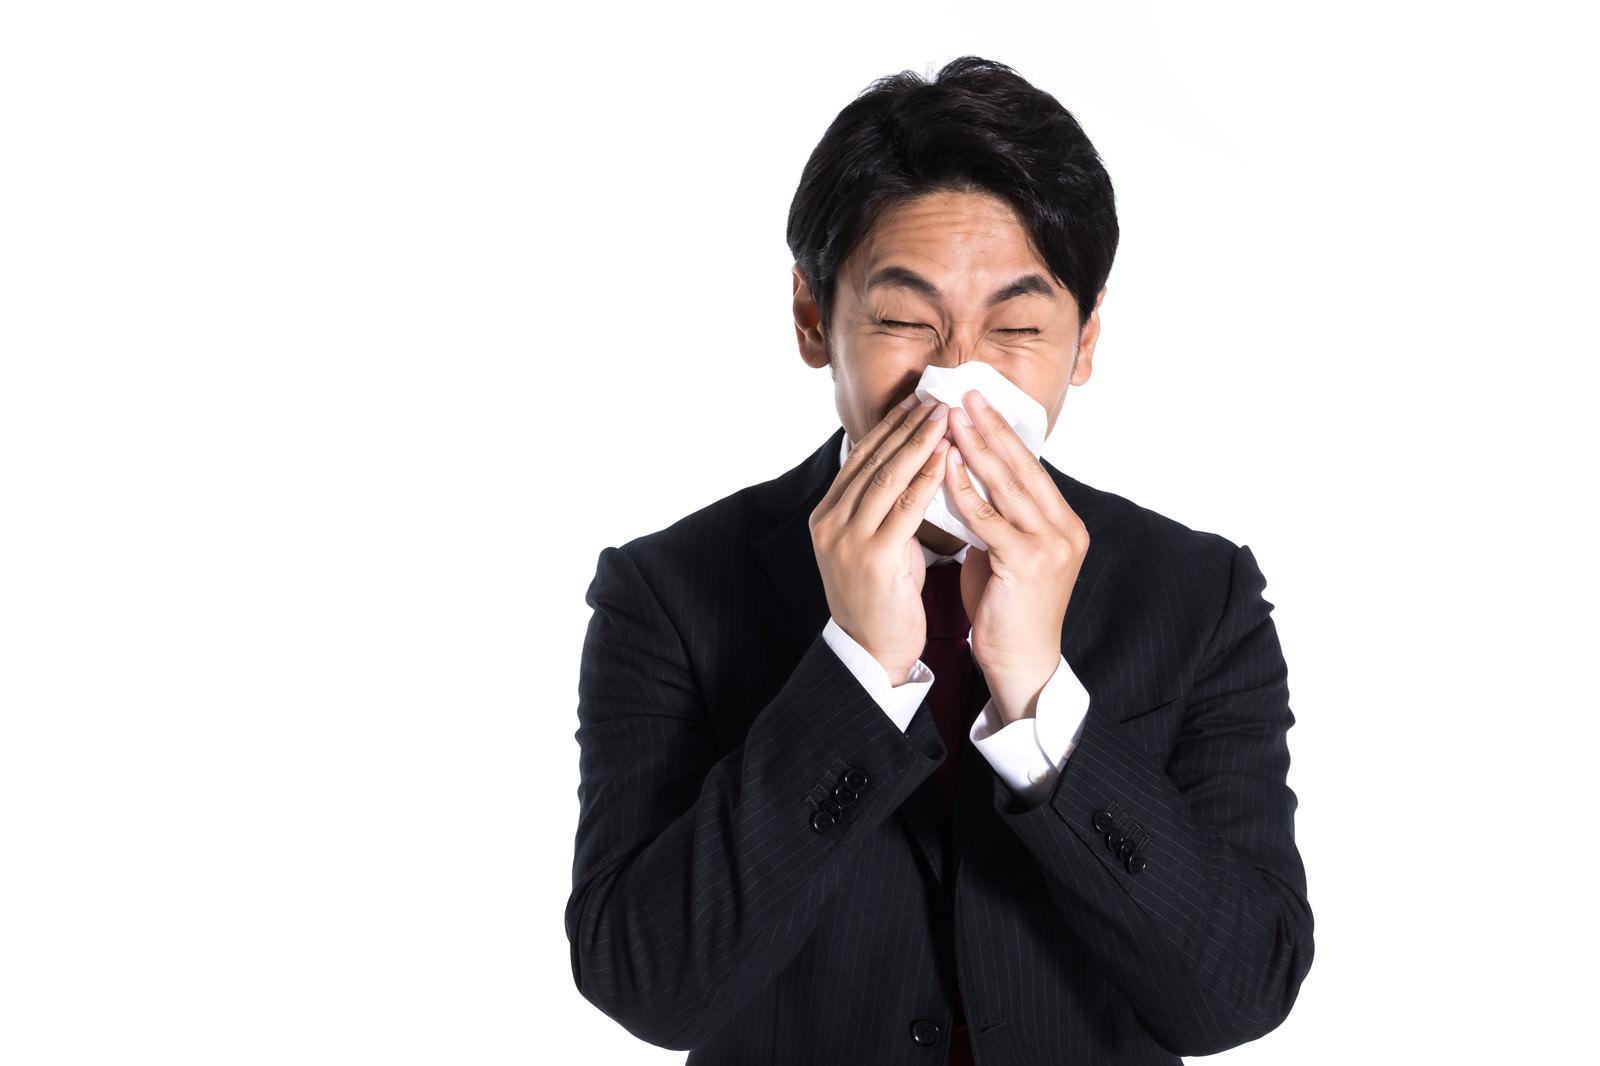 「花粉症で鼻のムズムズが止まらない会社員」の写真[モデル:大川竜弥]